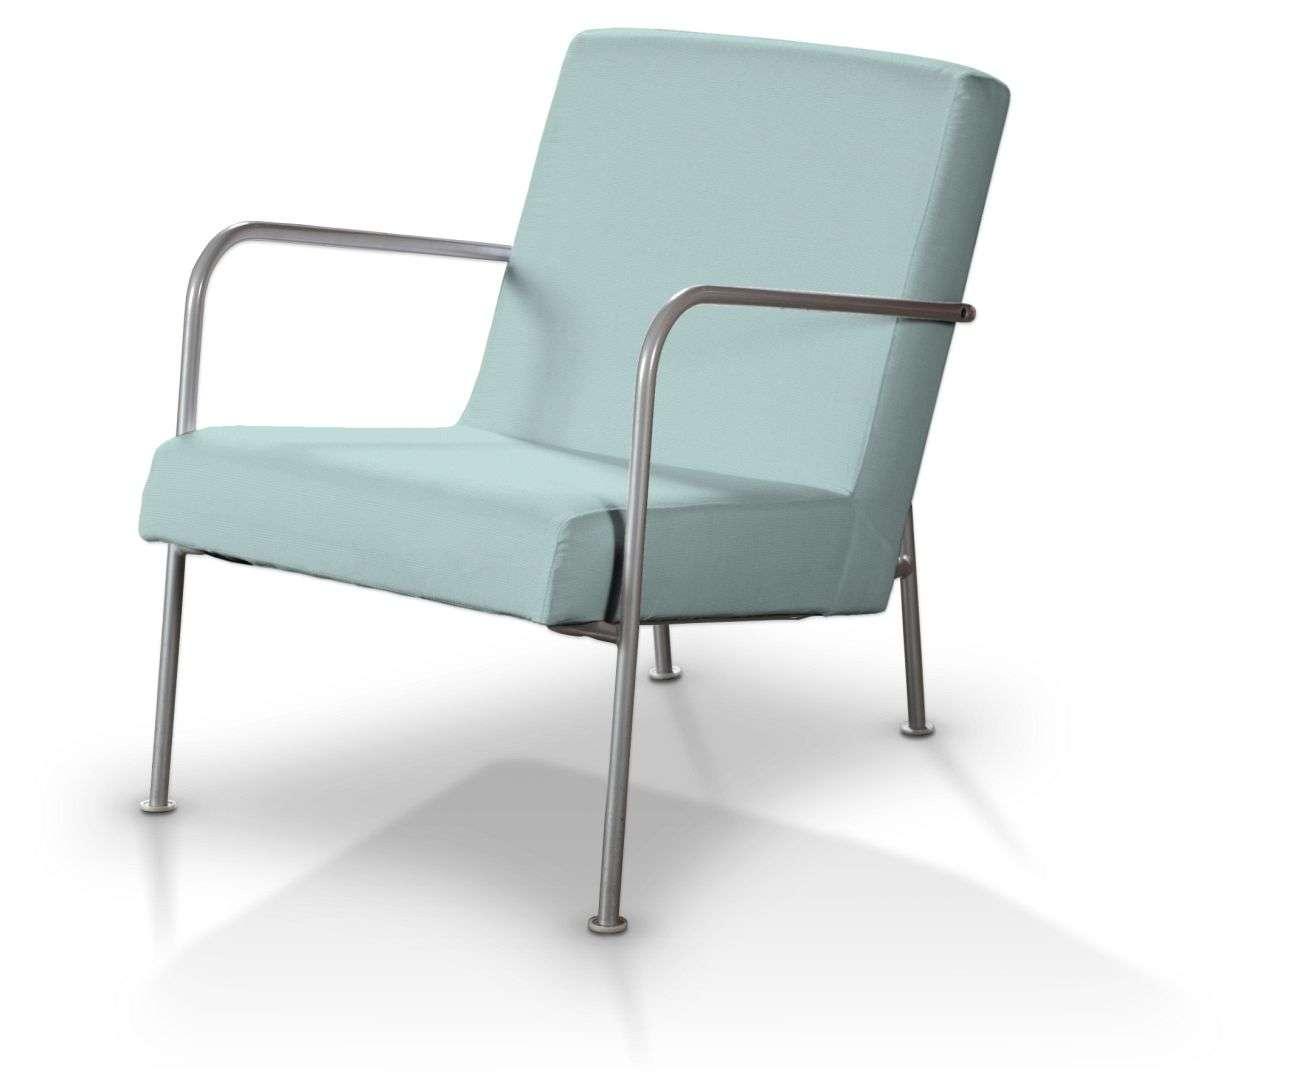 IKEA PS fotelio užvalkalas IKEA PS fotelio užvalkalas kolekcijoje Cotton Panama, audinys: 702-10